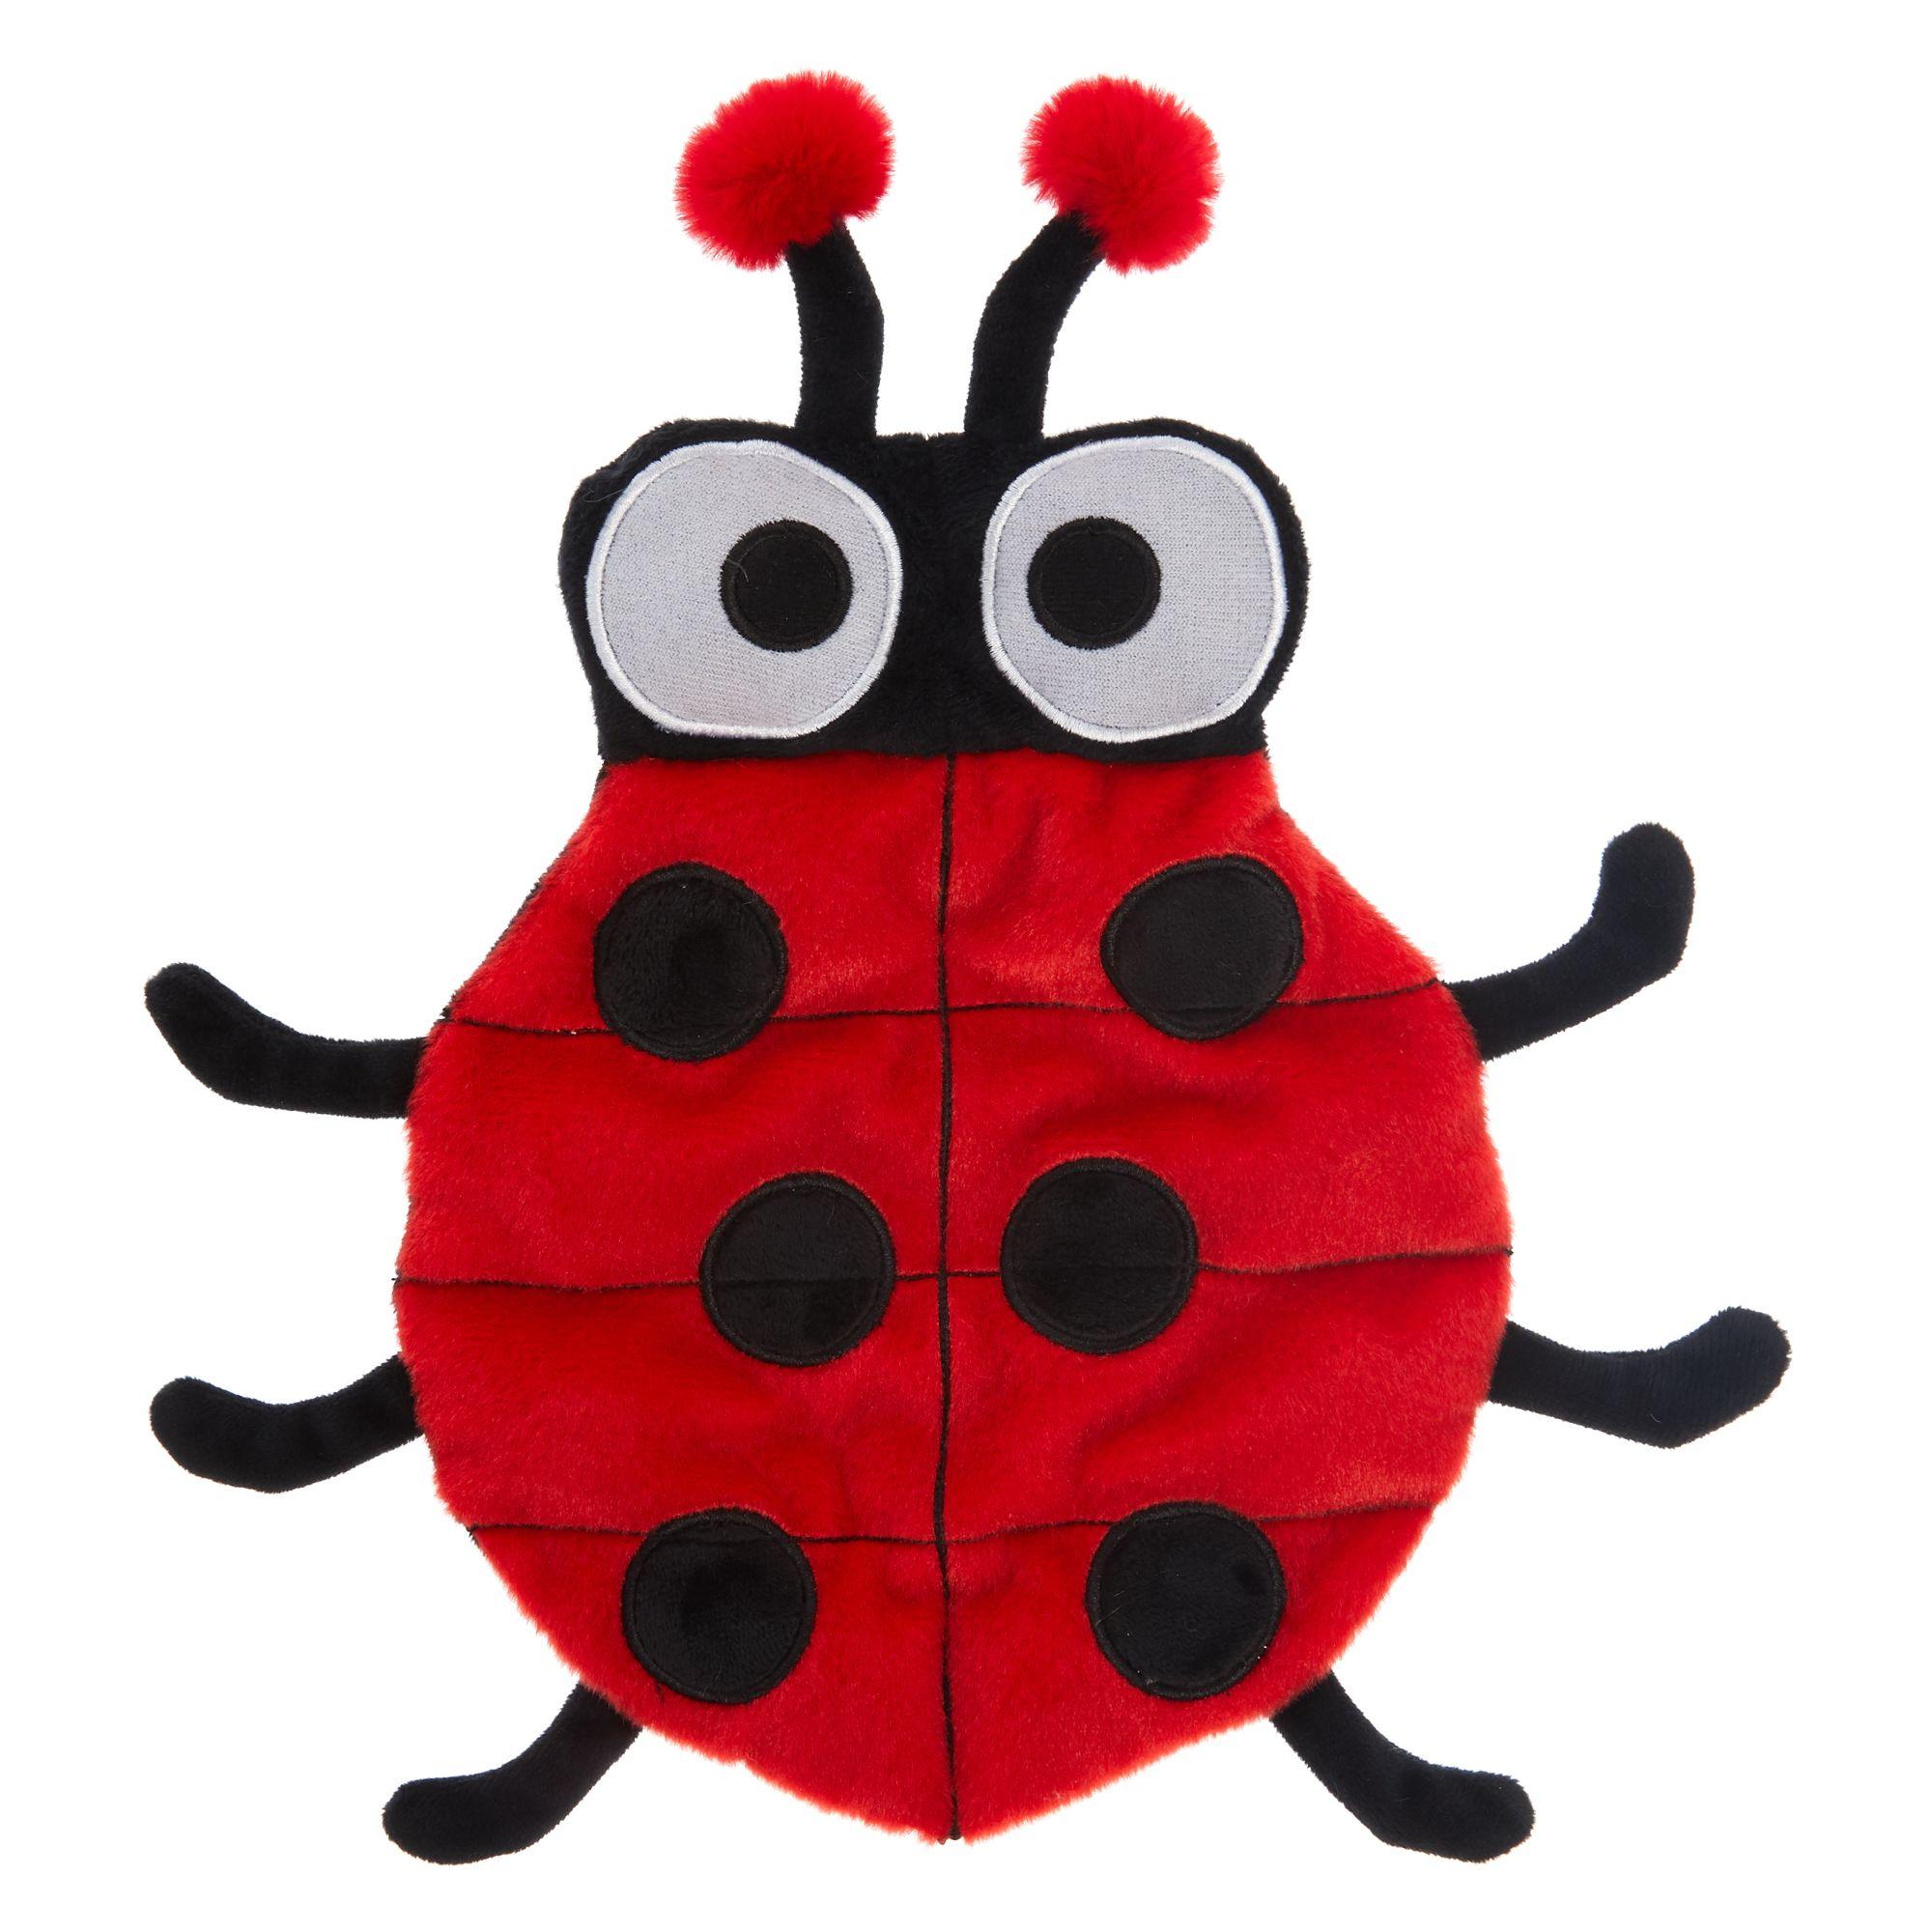 Top Paw Ladybug Squeaker Mat Dog Toy - Plush, Squeaker 5275636